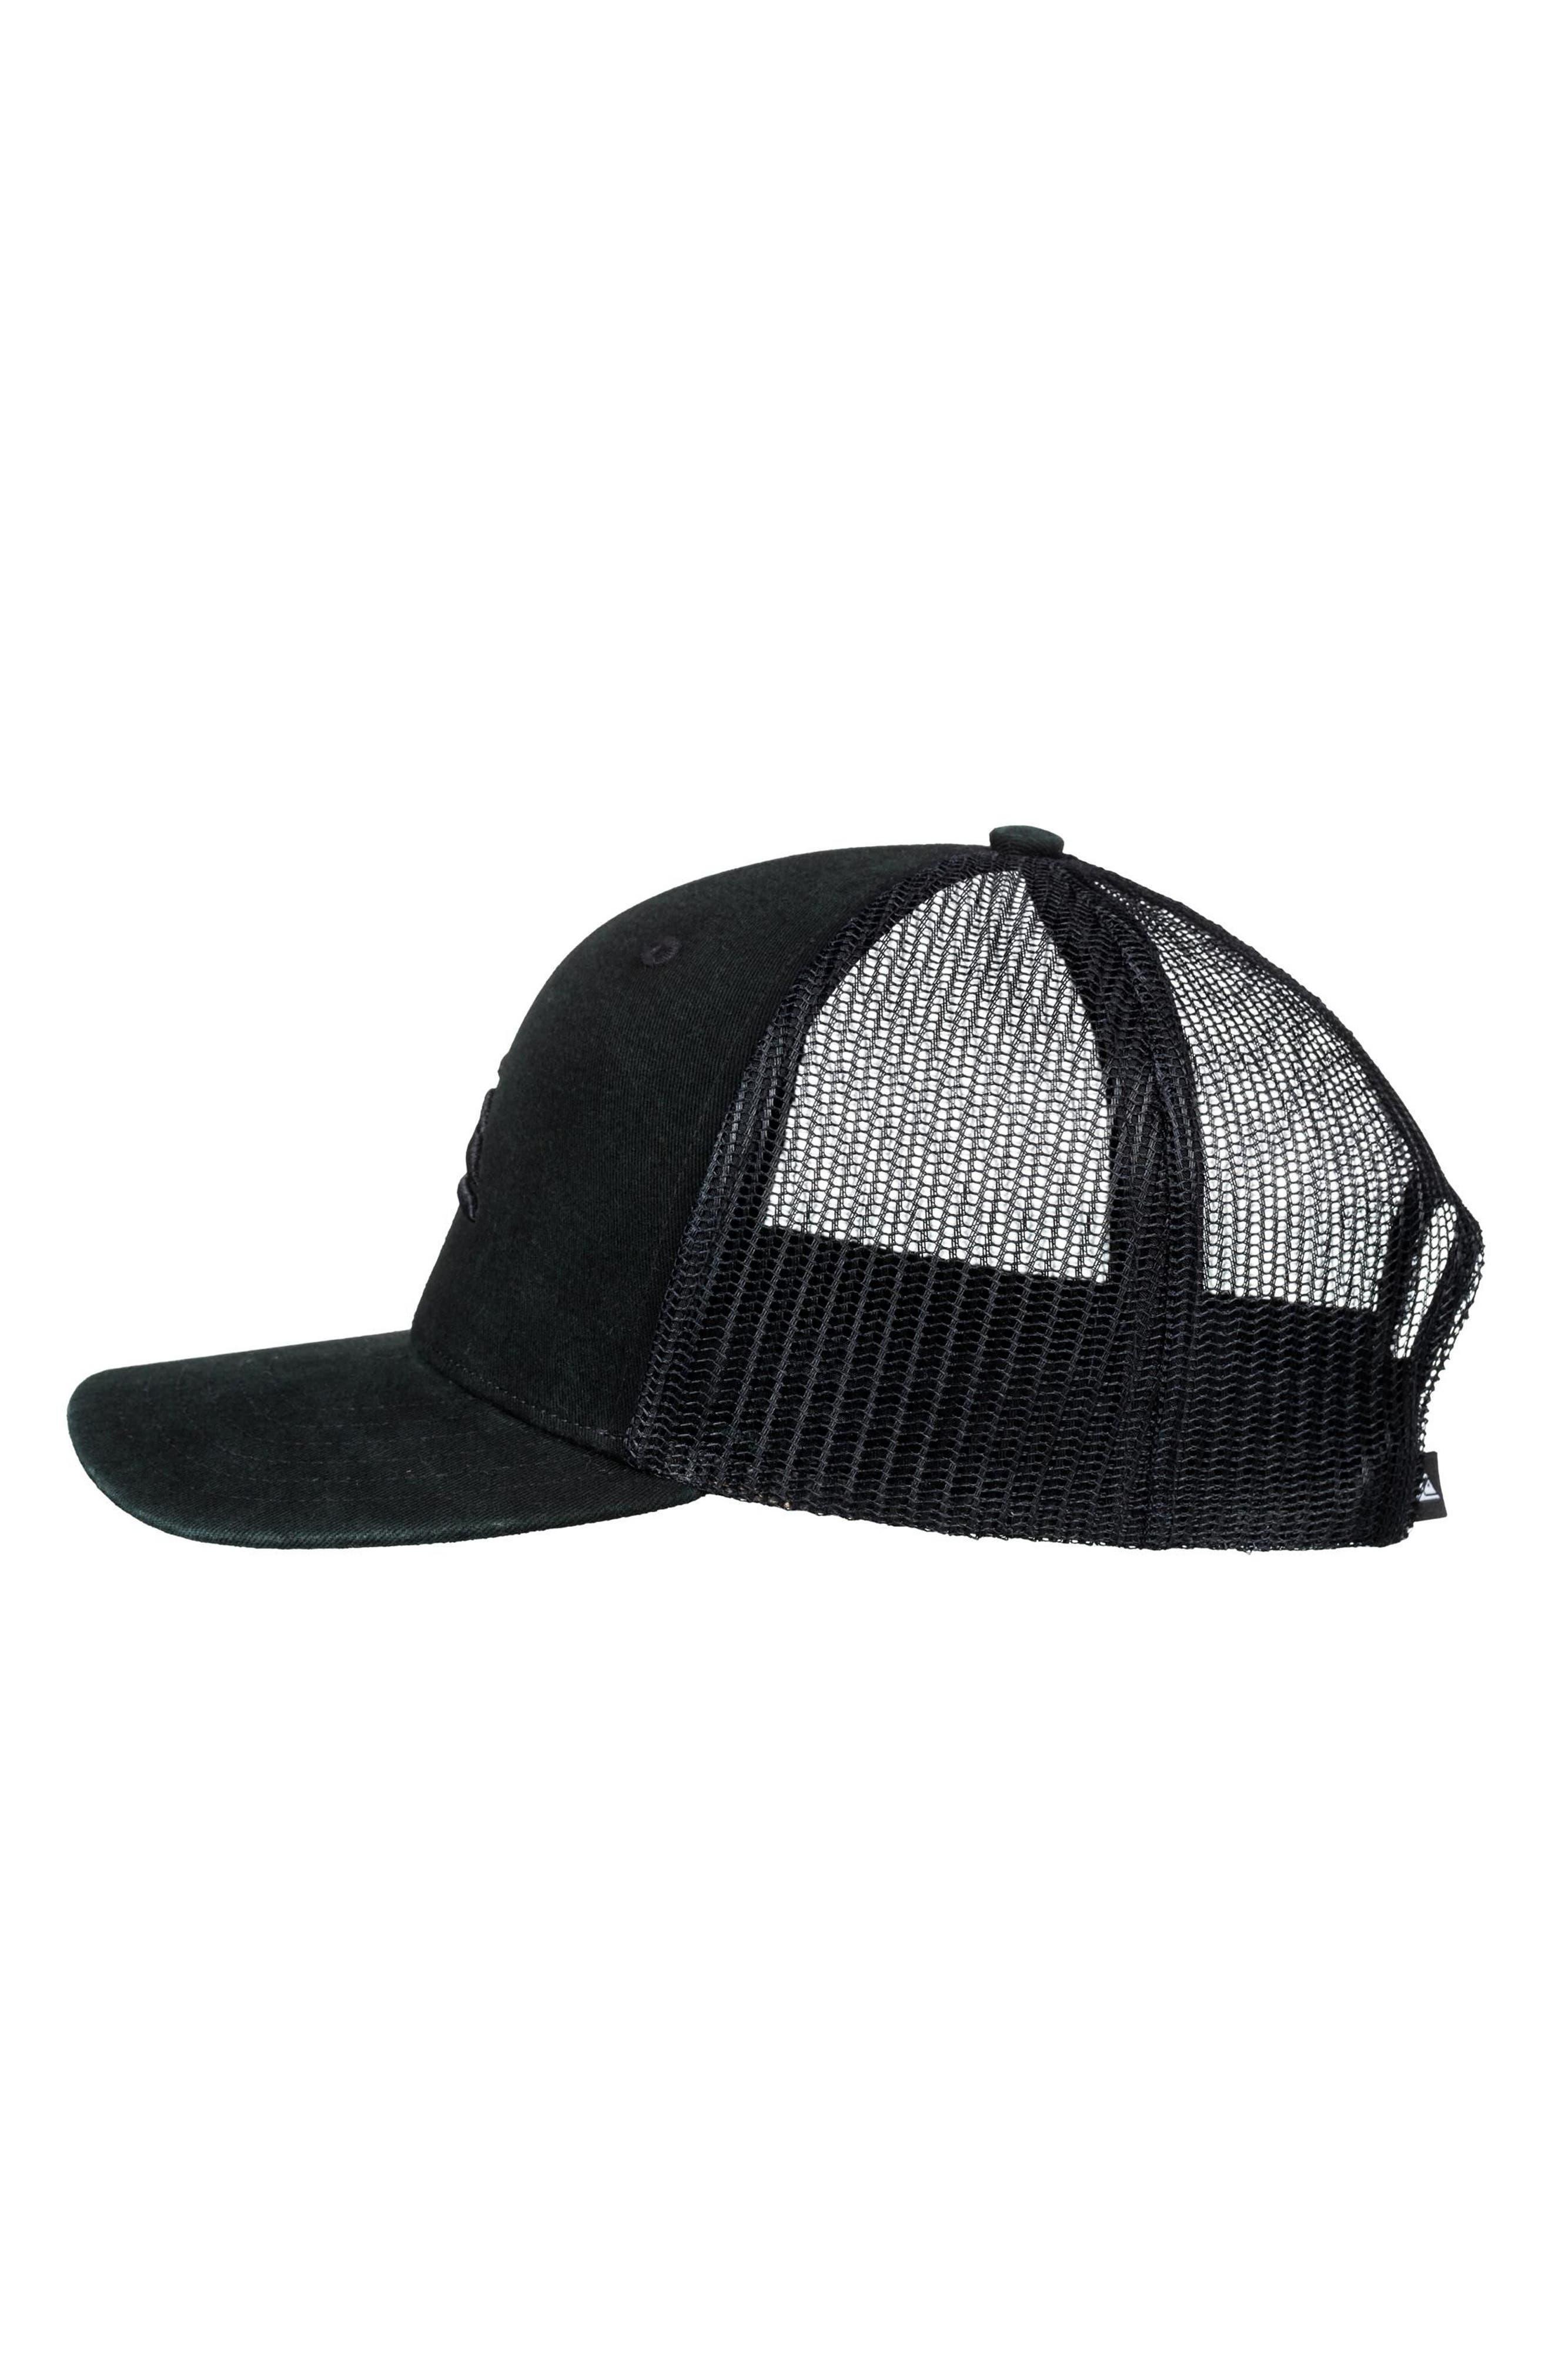 Grounder Trucker Hat,                             Alternate thumbnail 3, color,                             002